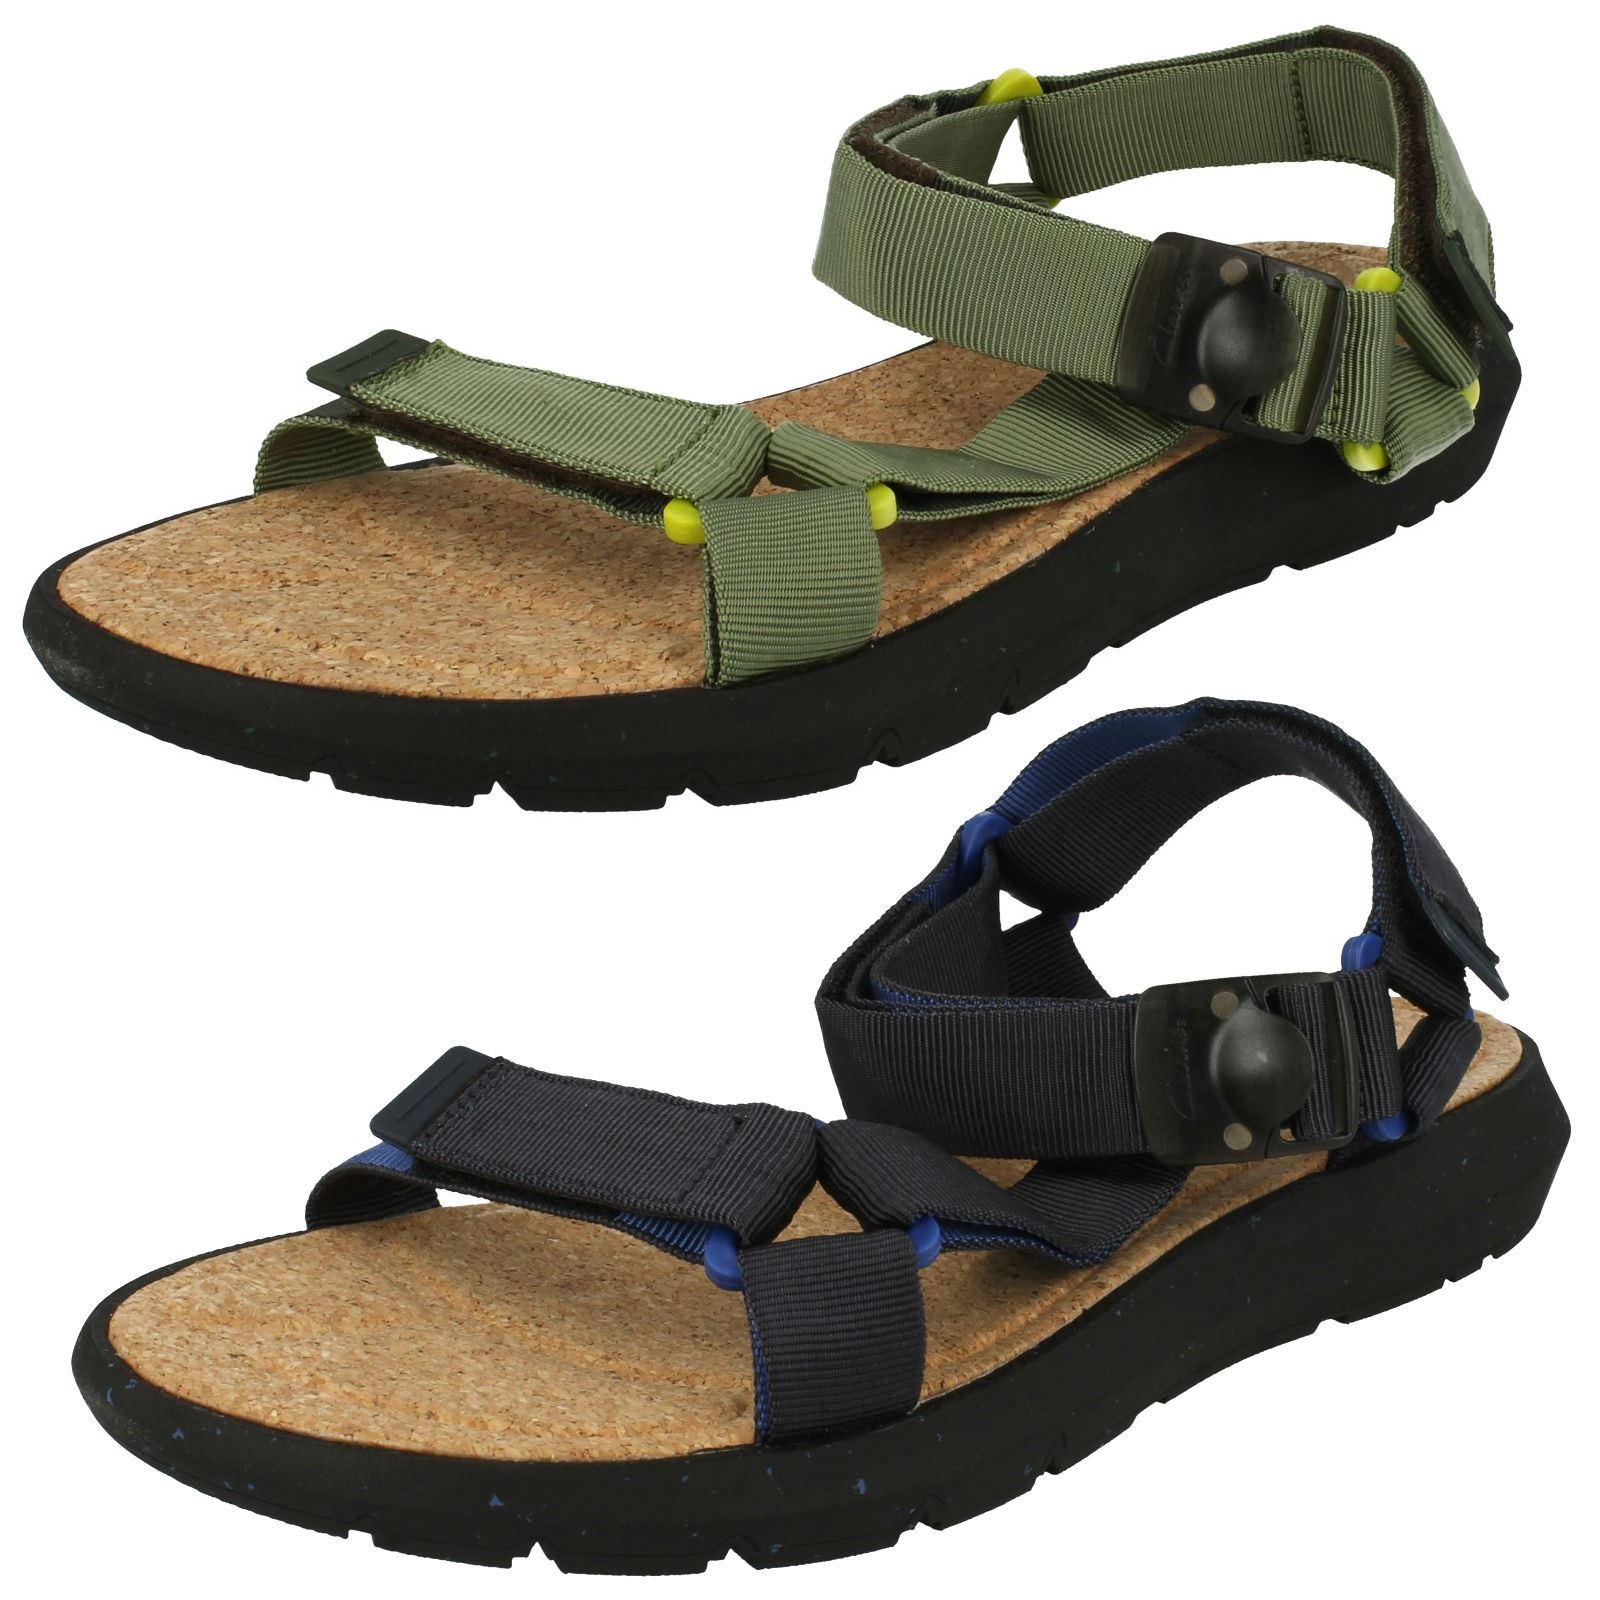 fe7074935ec Details about Mens Clarks Pilton Brave Casual Summer Sandals